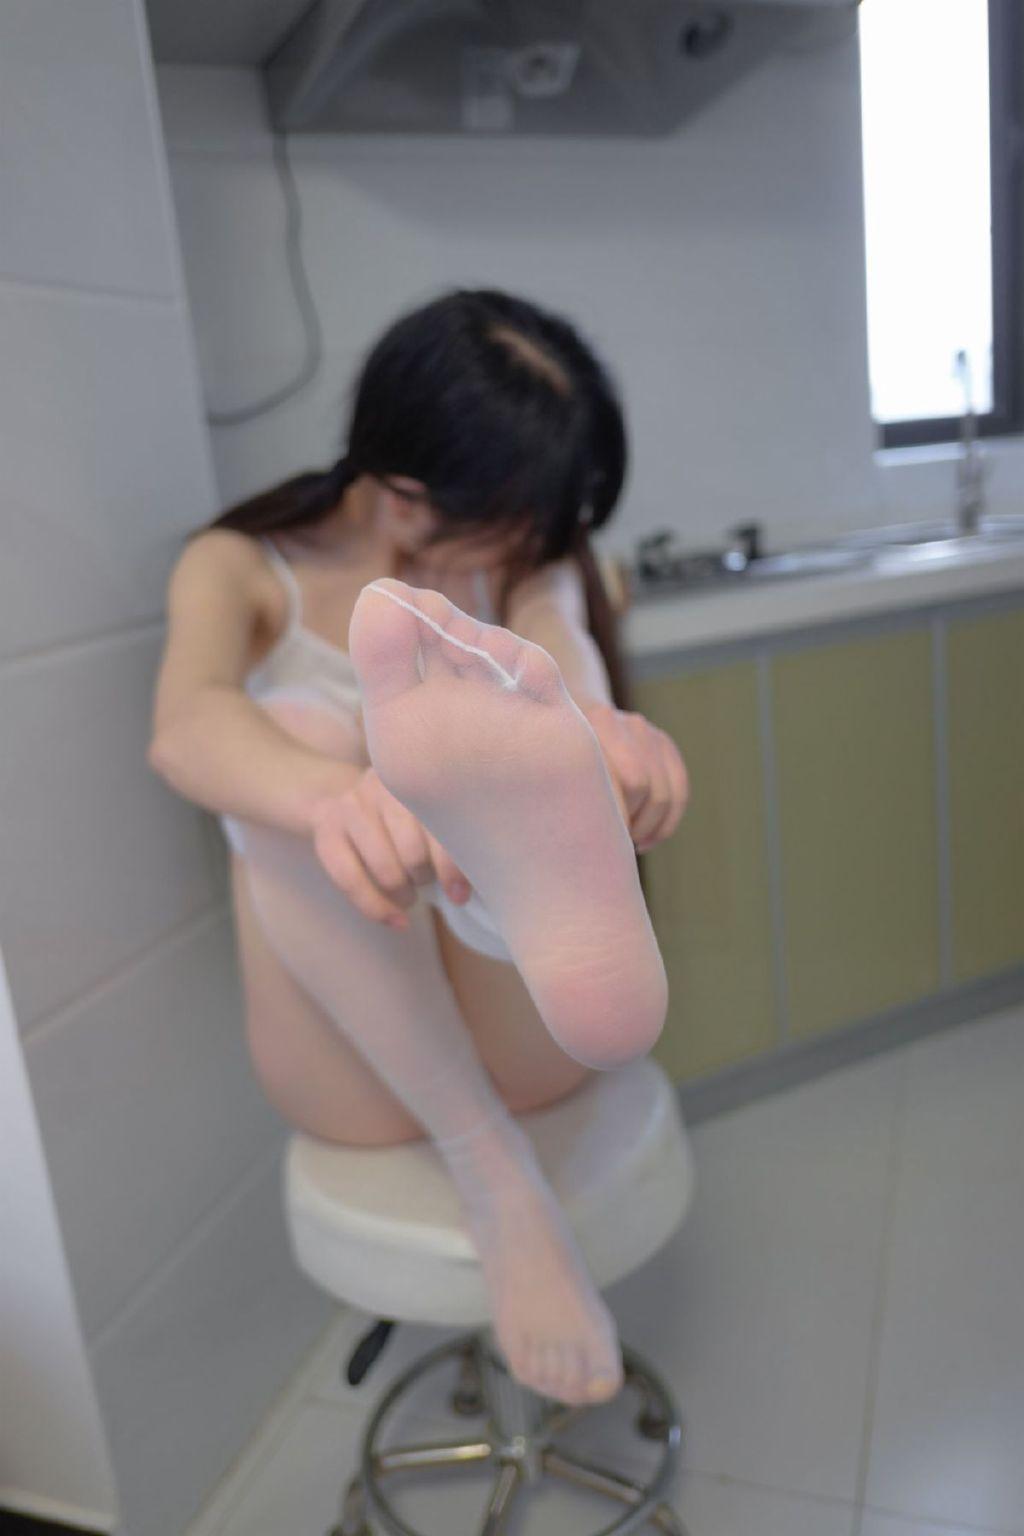 【领域少女】女孩黑丝袜图片2019-06-22